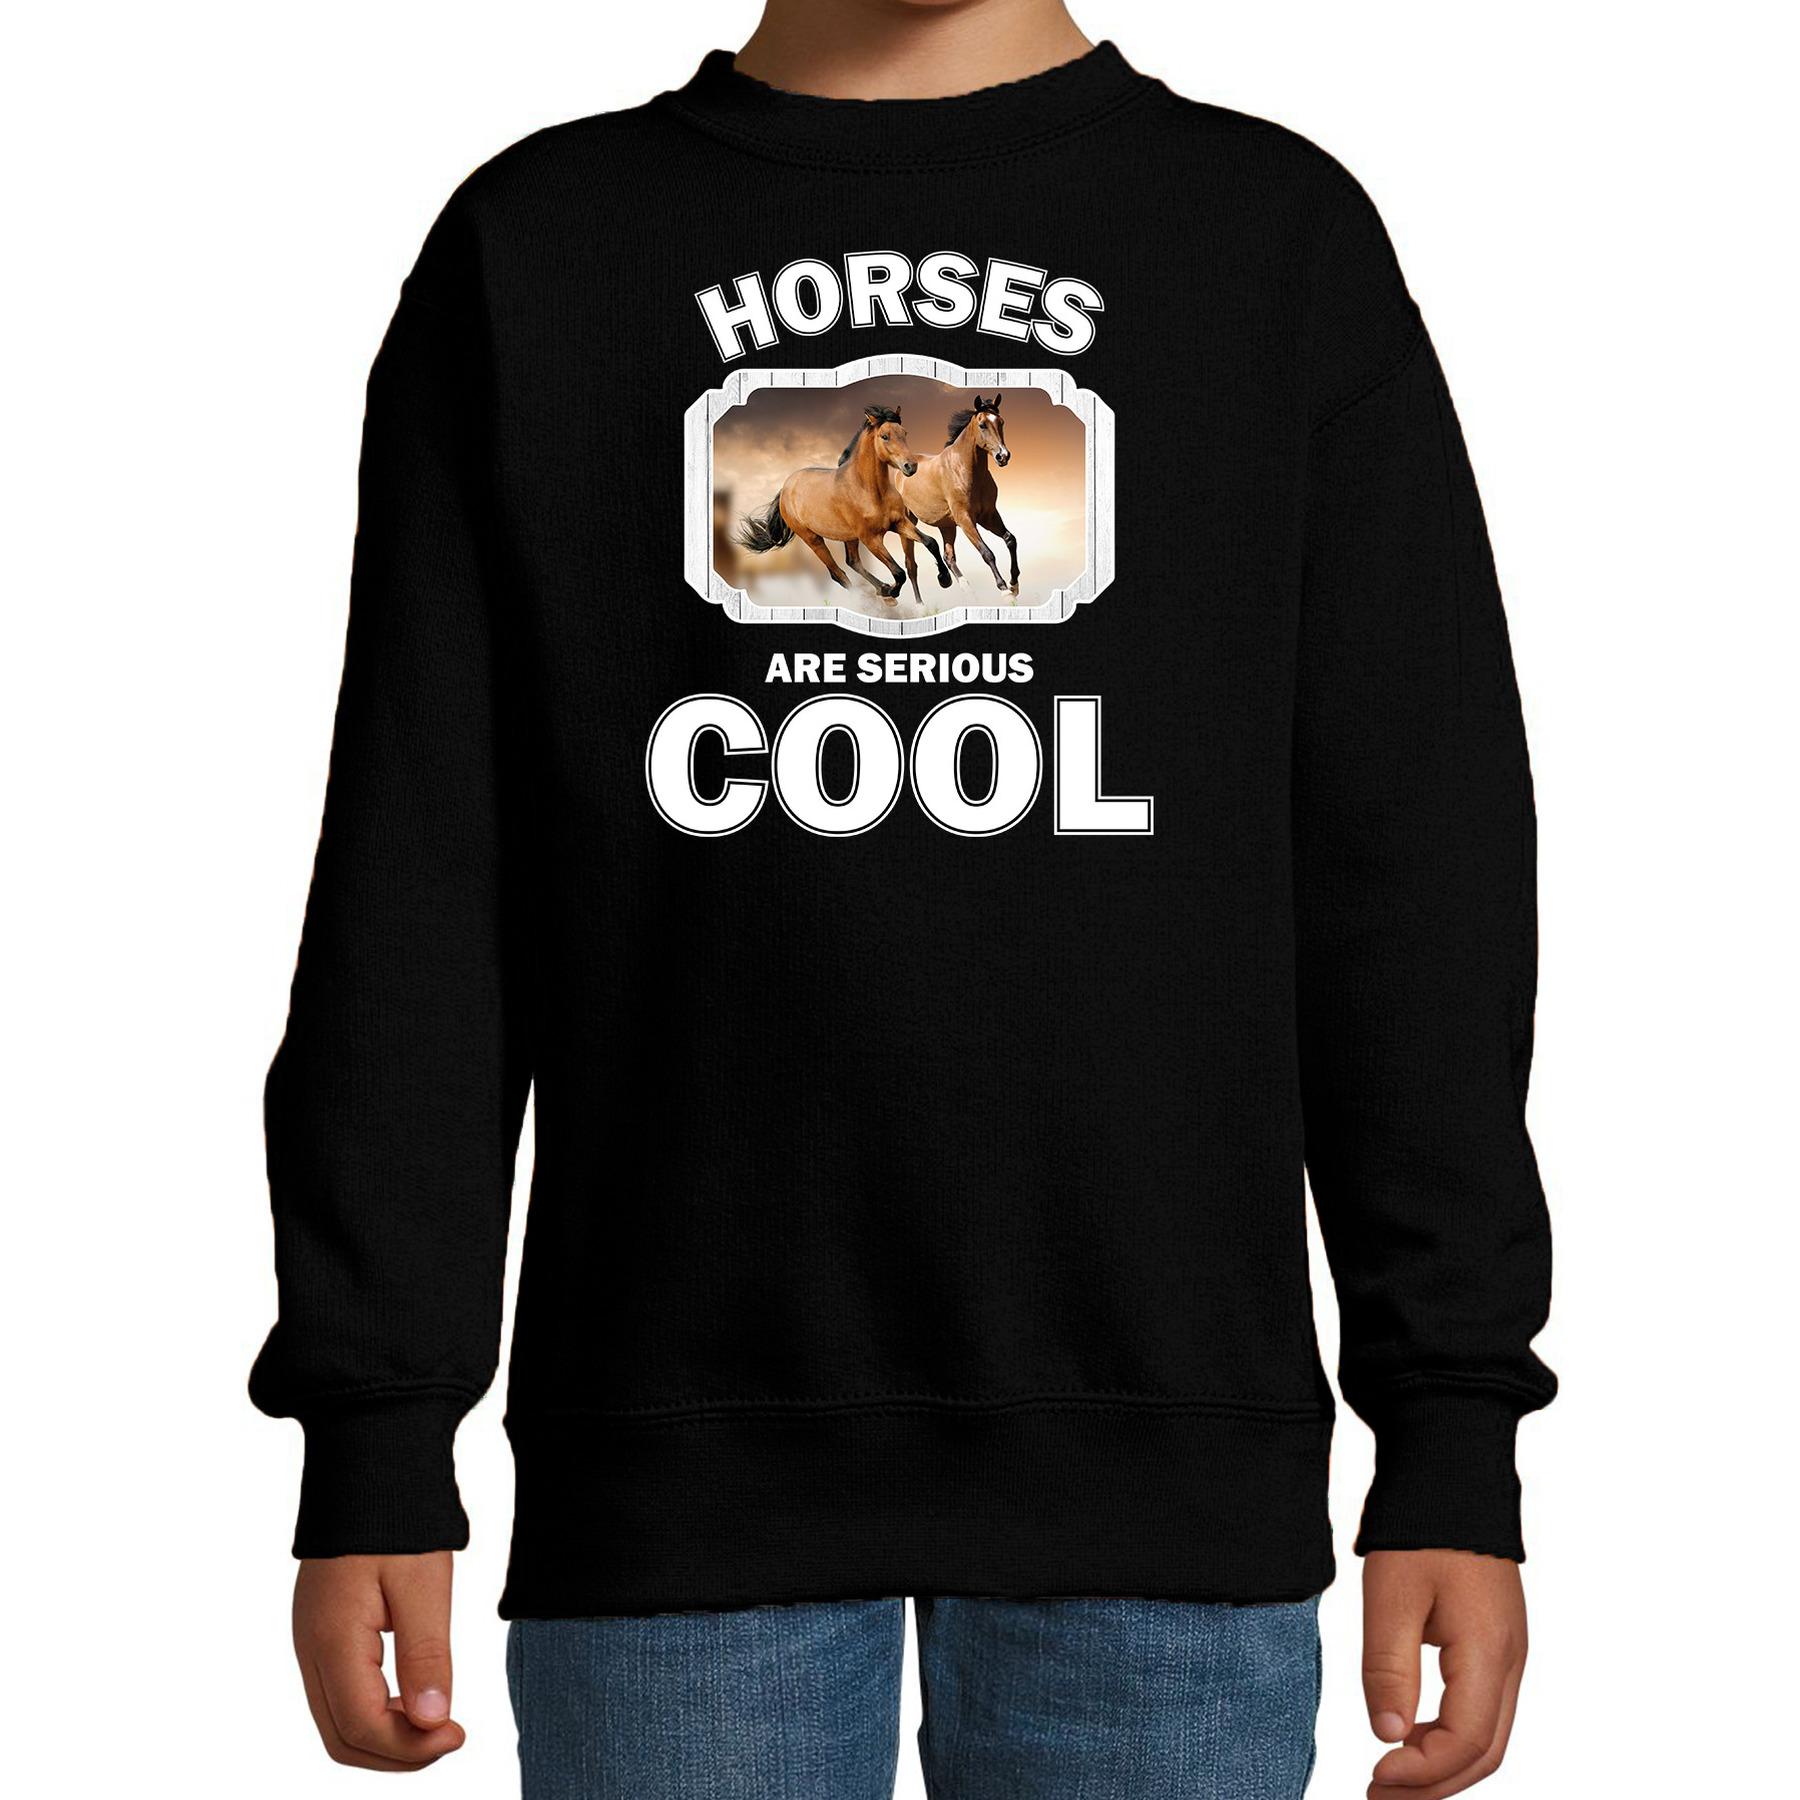 Sweater horses are serious cool zwart kinderen - paarden/ bruin paard trui